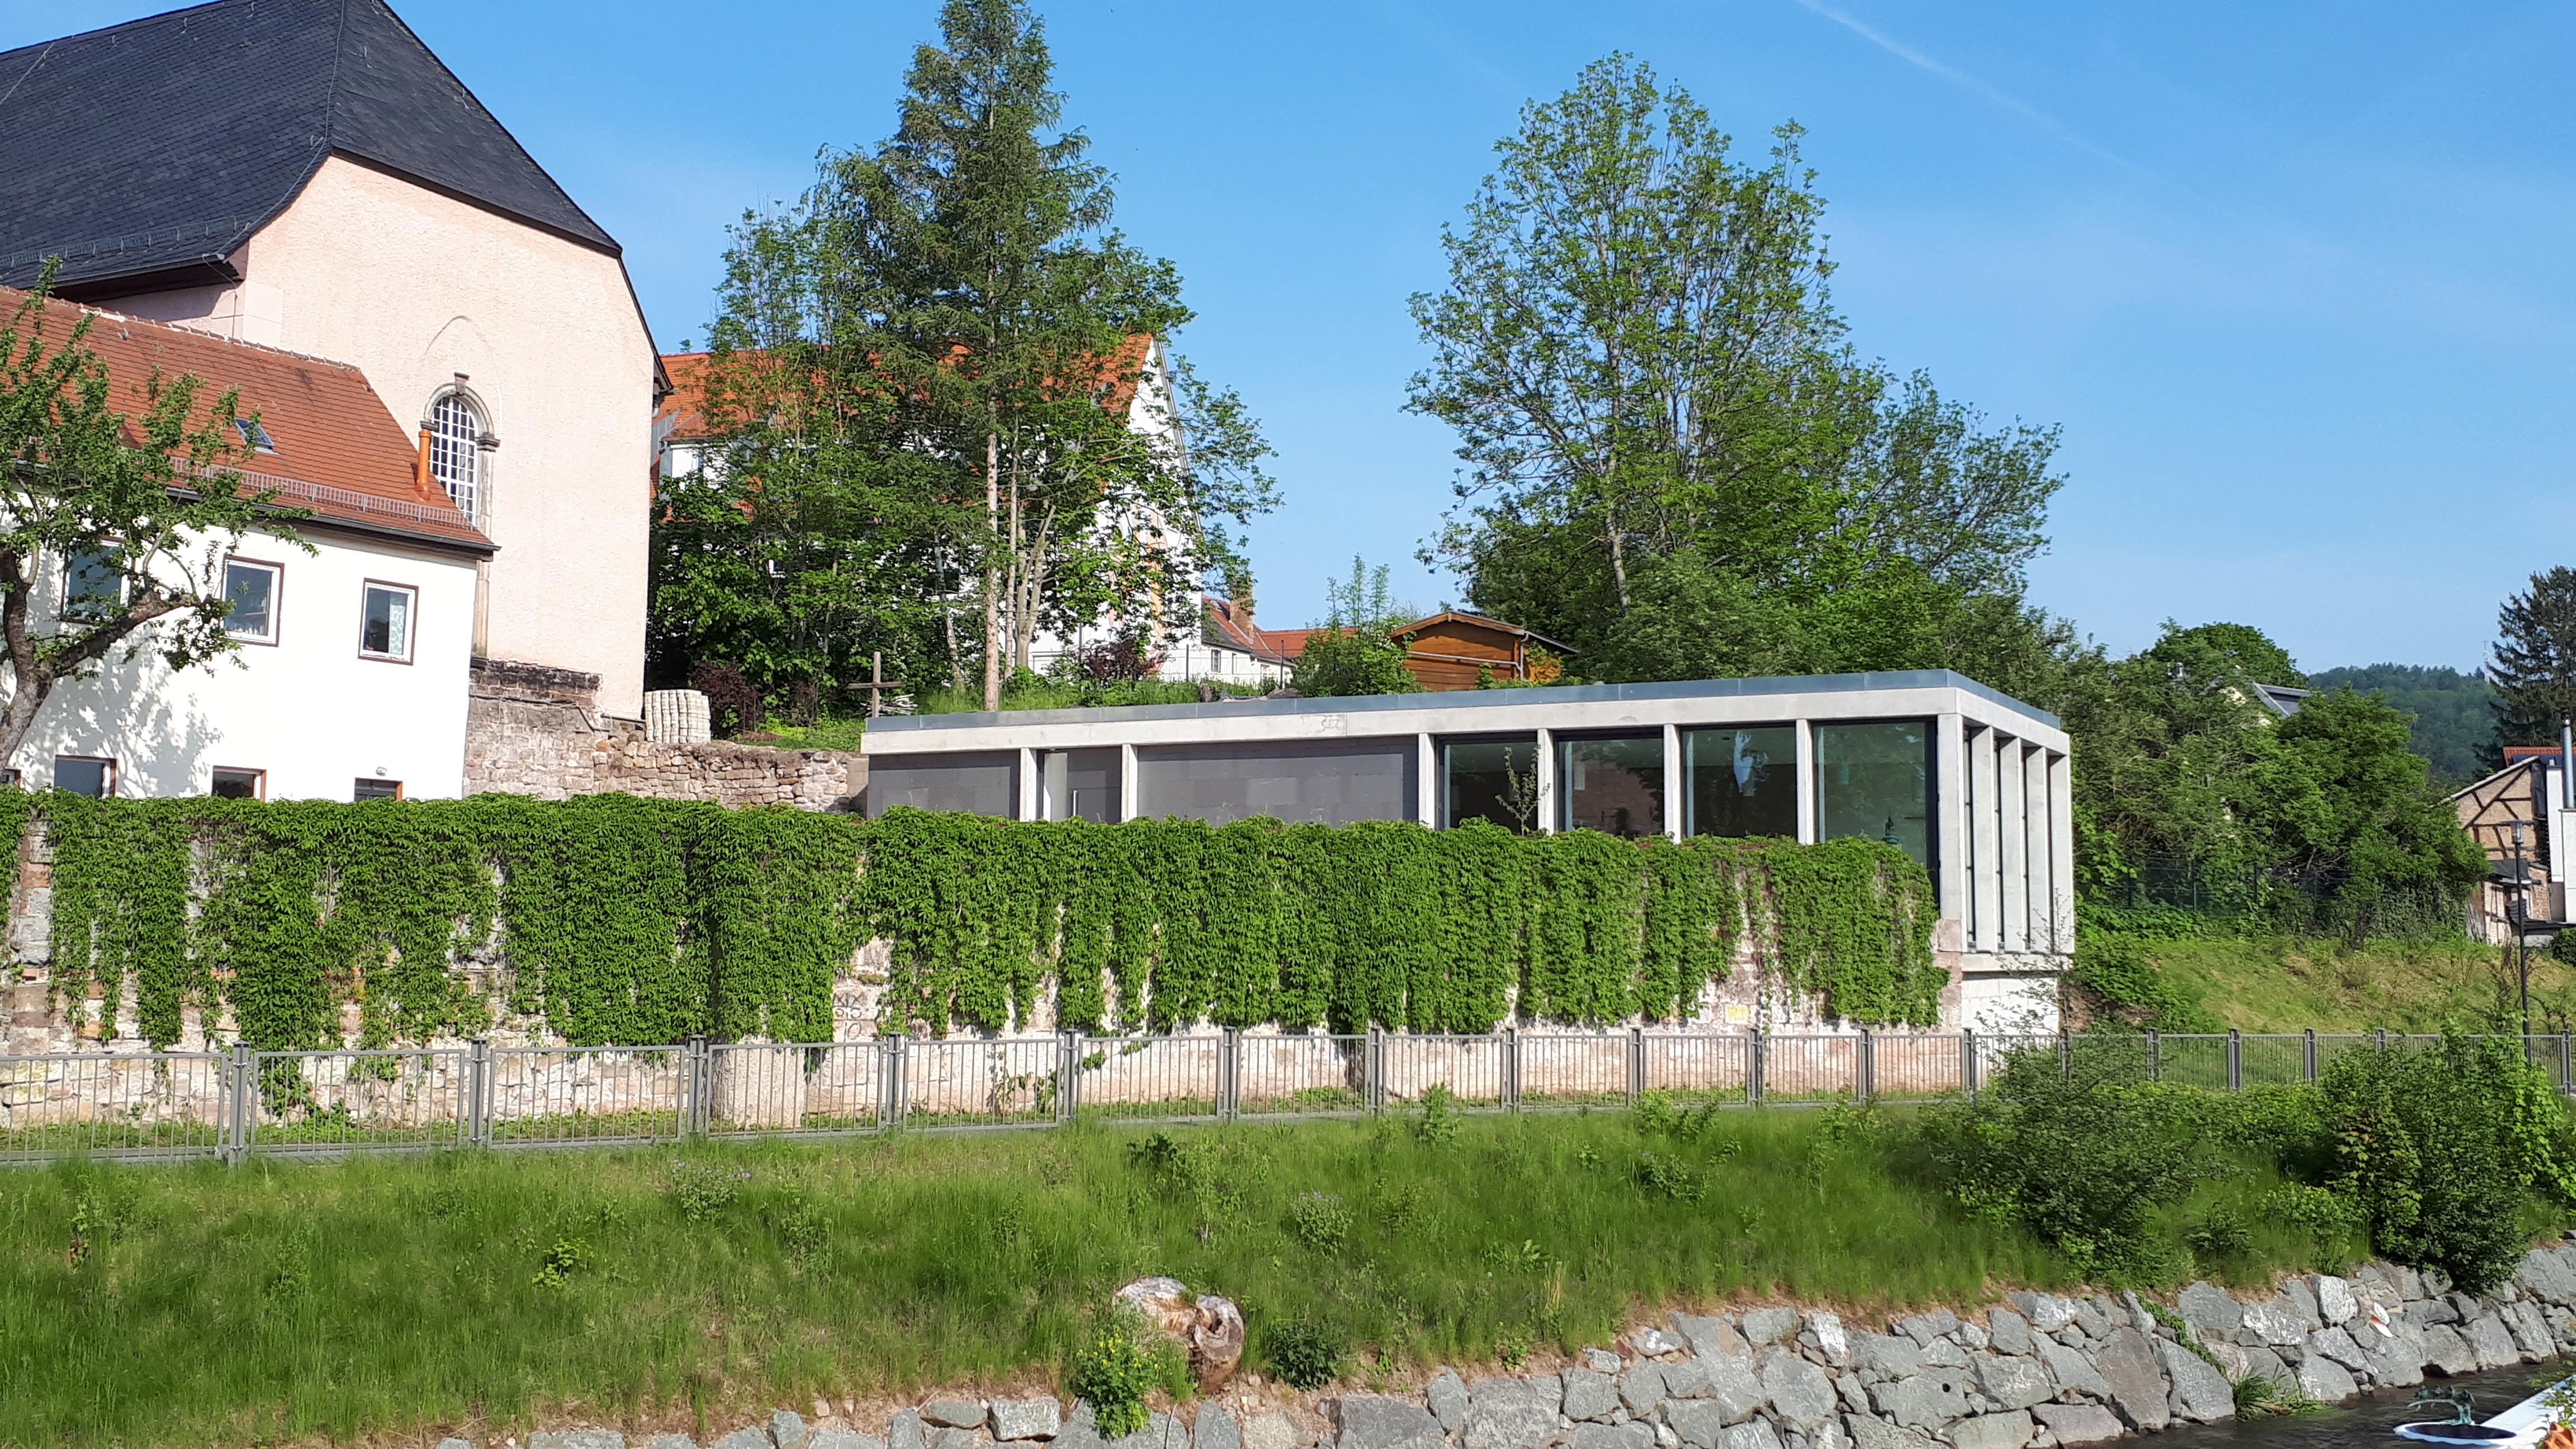 Evangelisches Gemeindezentrum St. Marien (RAG Weimarer Land - Mittelthüringen e.V.)